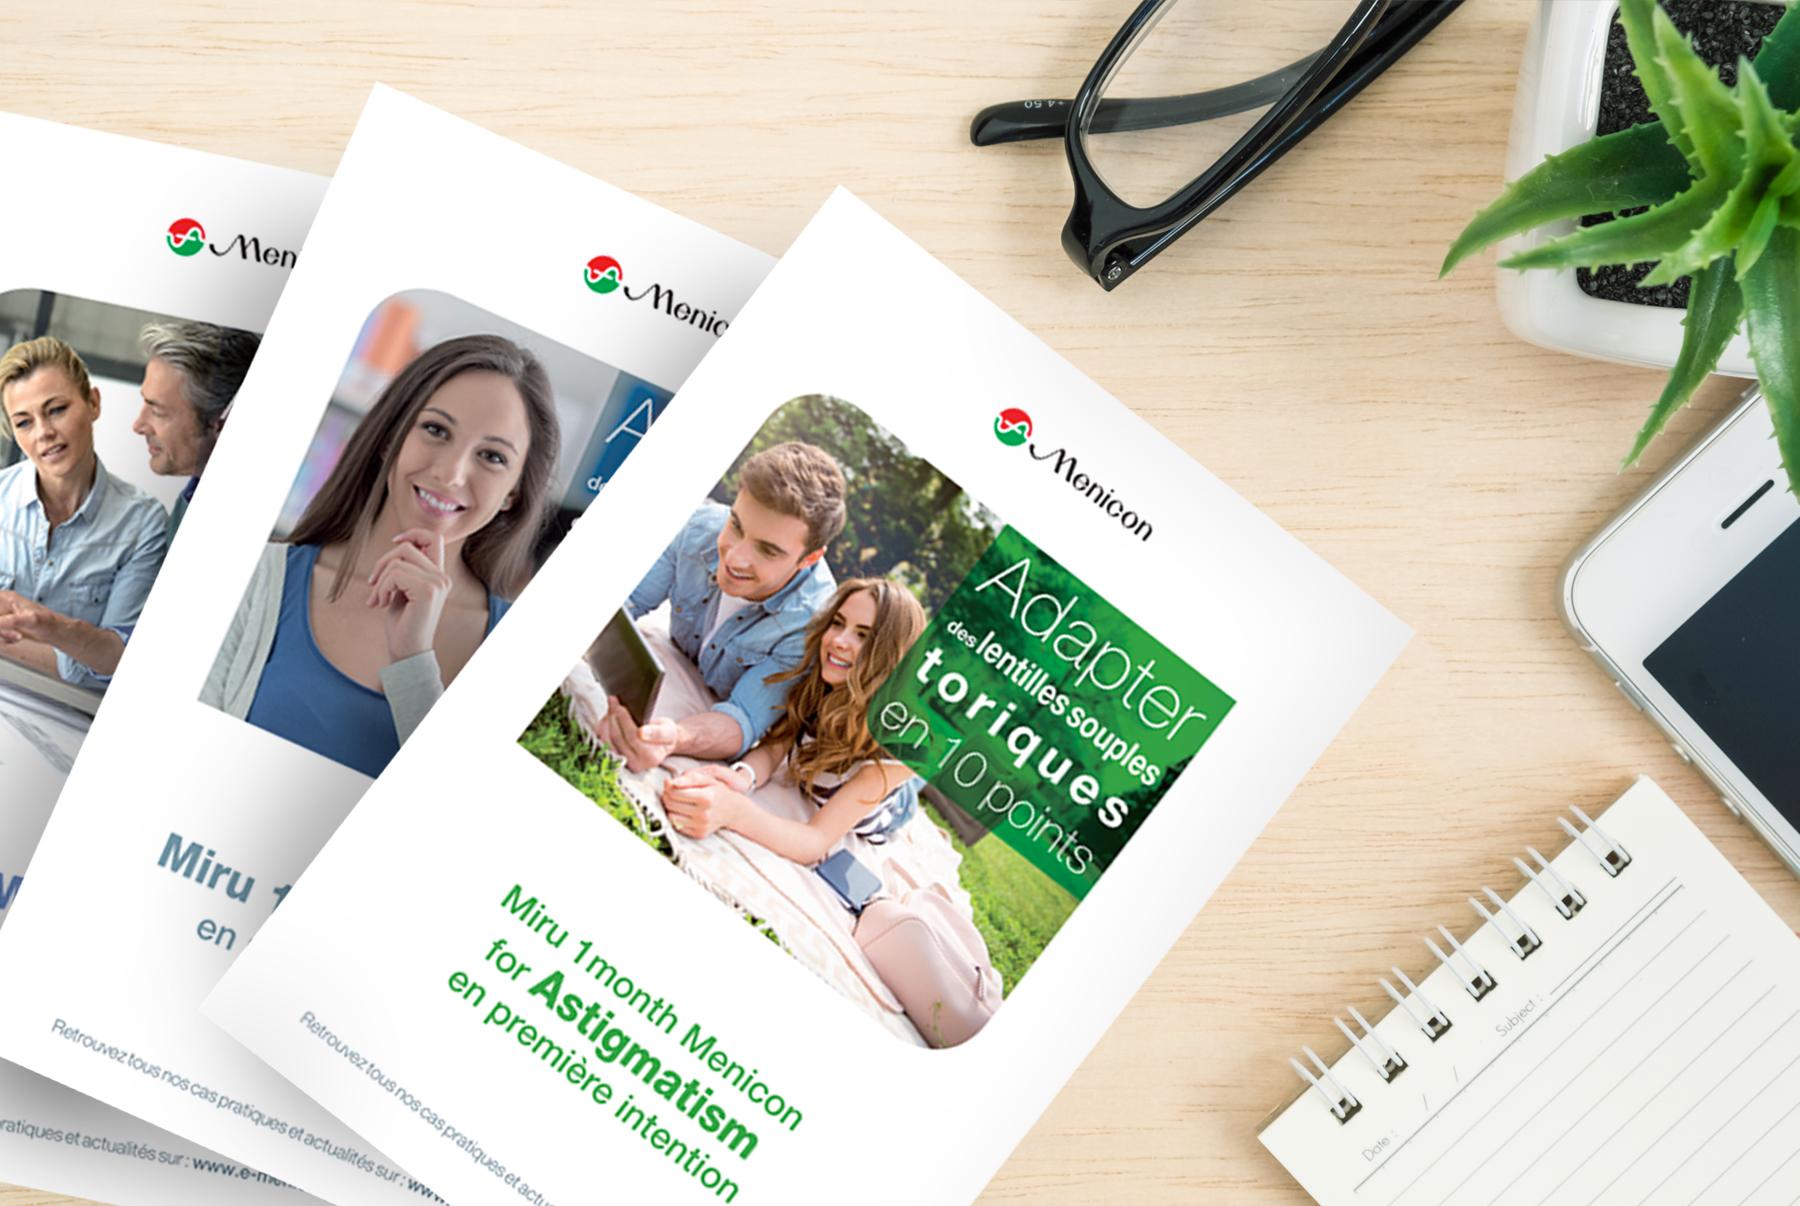 menicon-brochure-miru-agence-communication-et-création-graphique-quelque-chose-en-plus